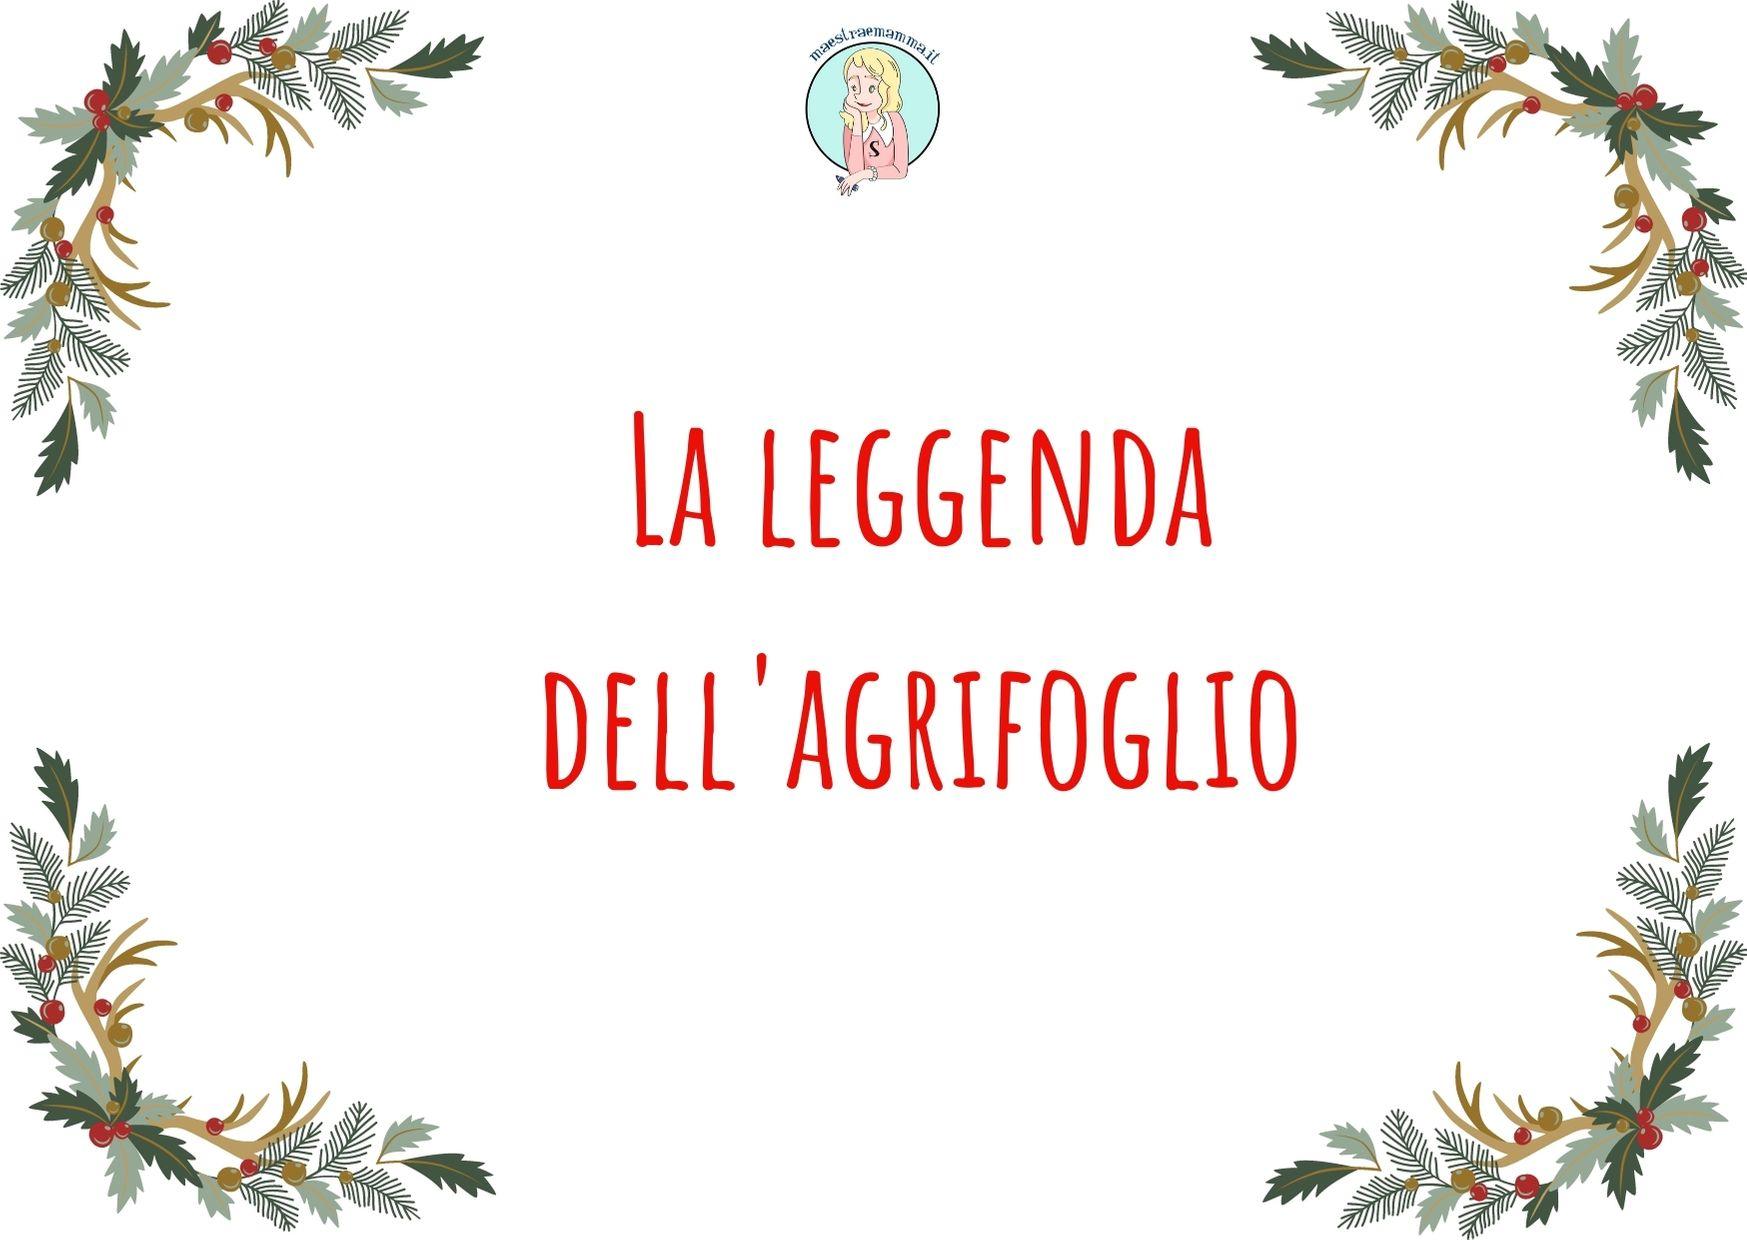 La leggenda dell'agrifoglio – Natale